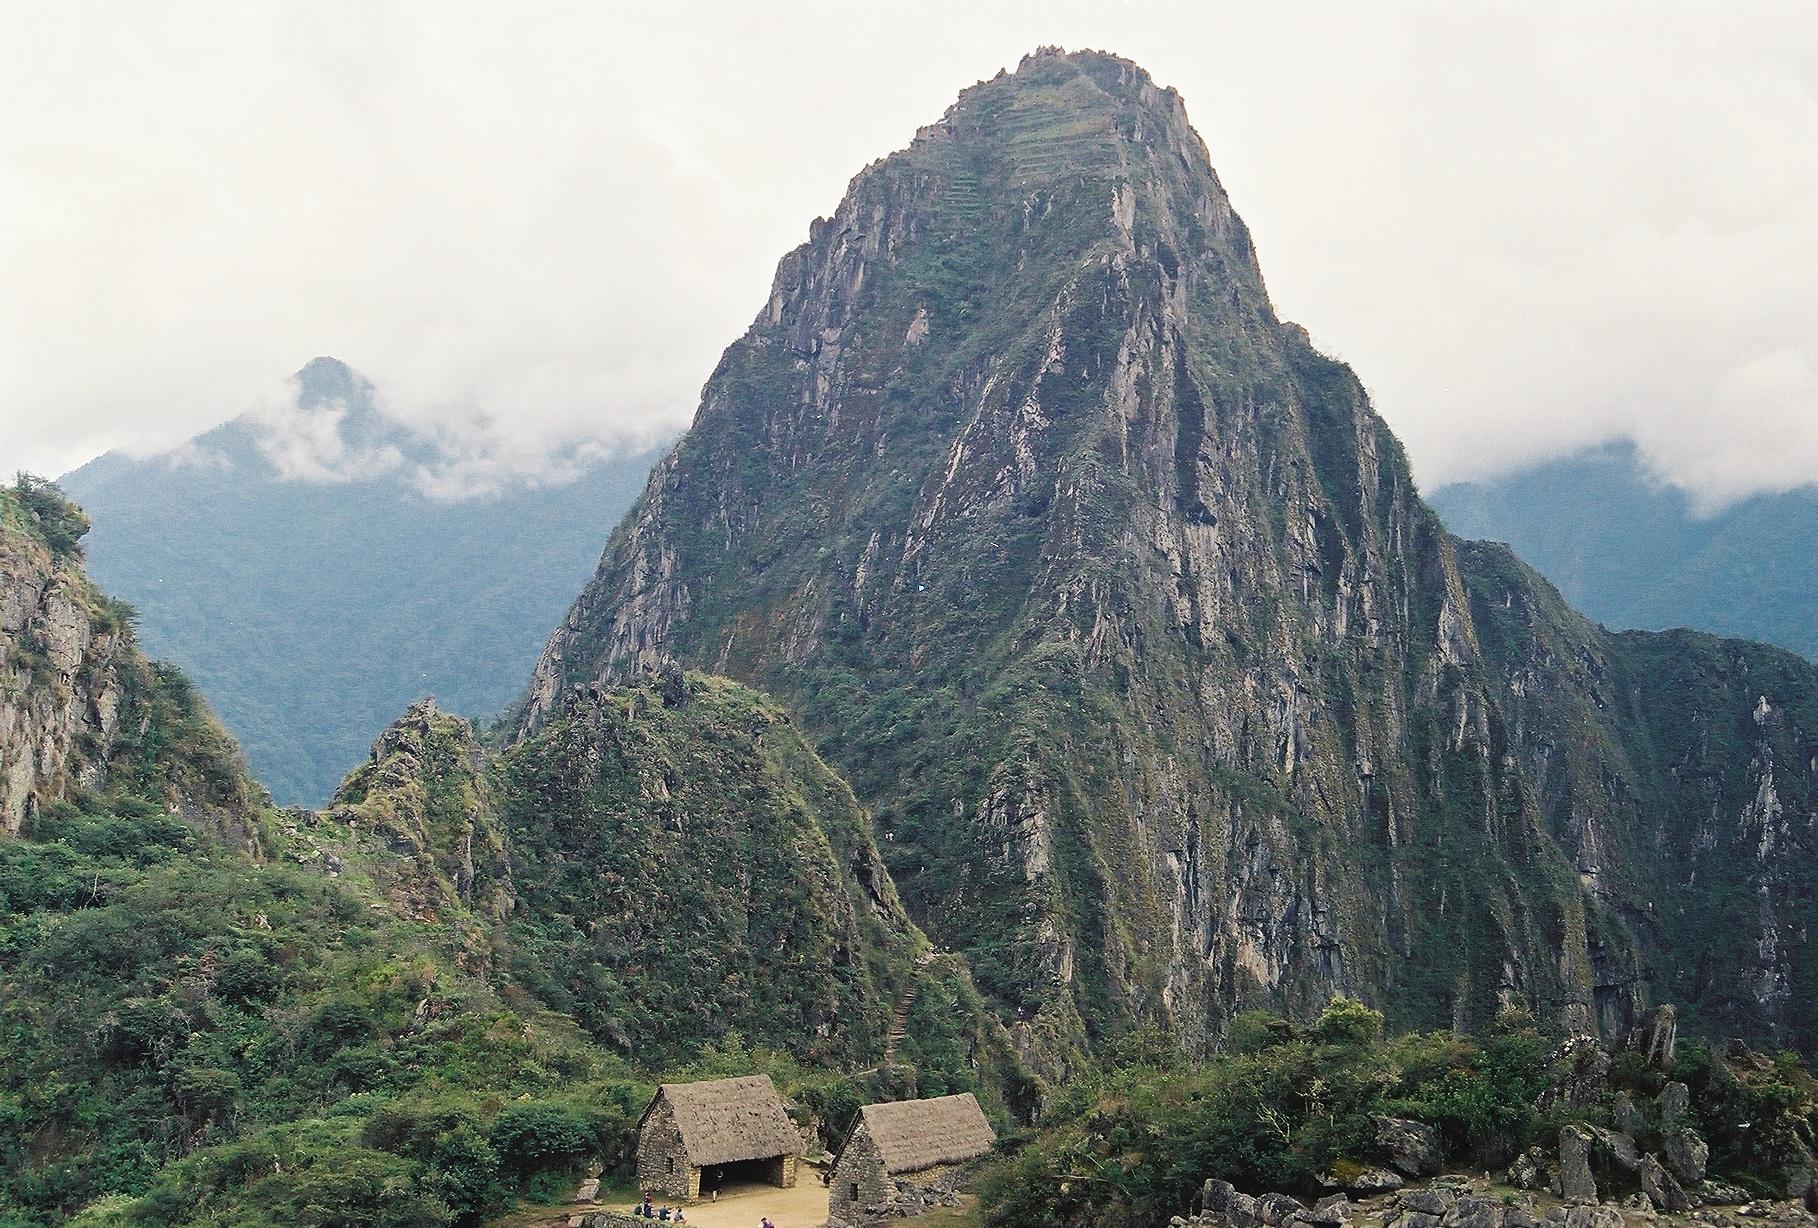 Initiatorische Reise nach Peru